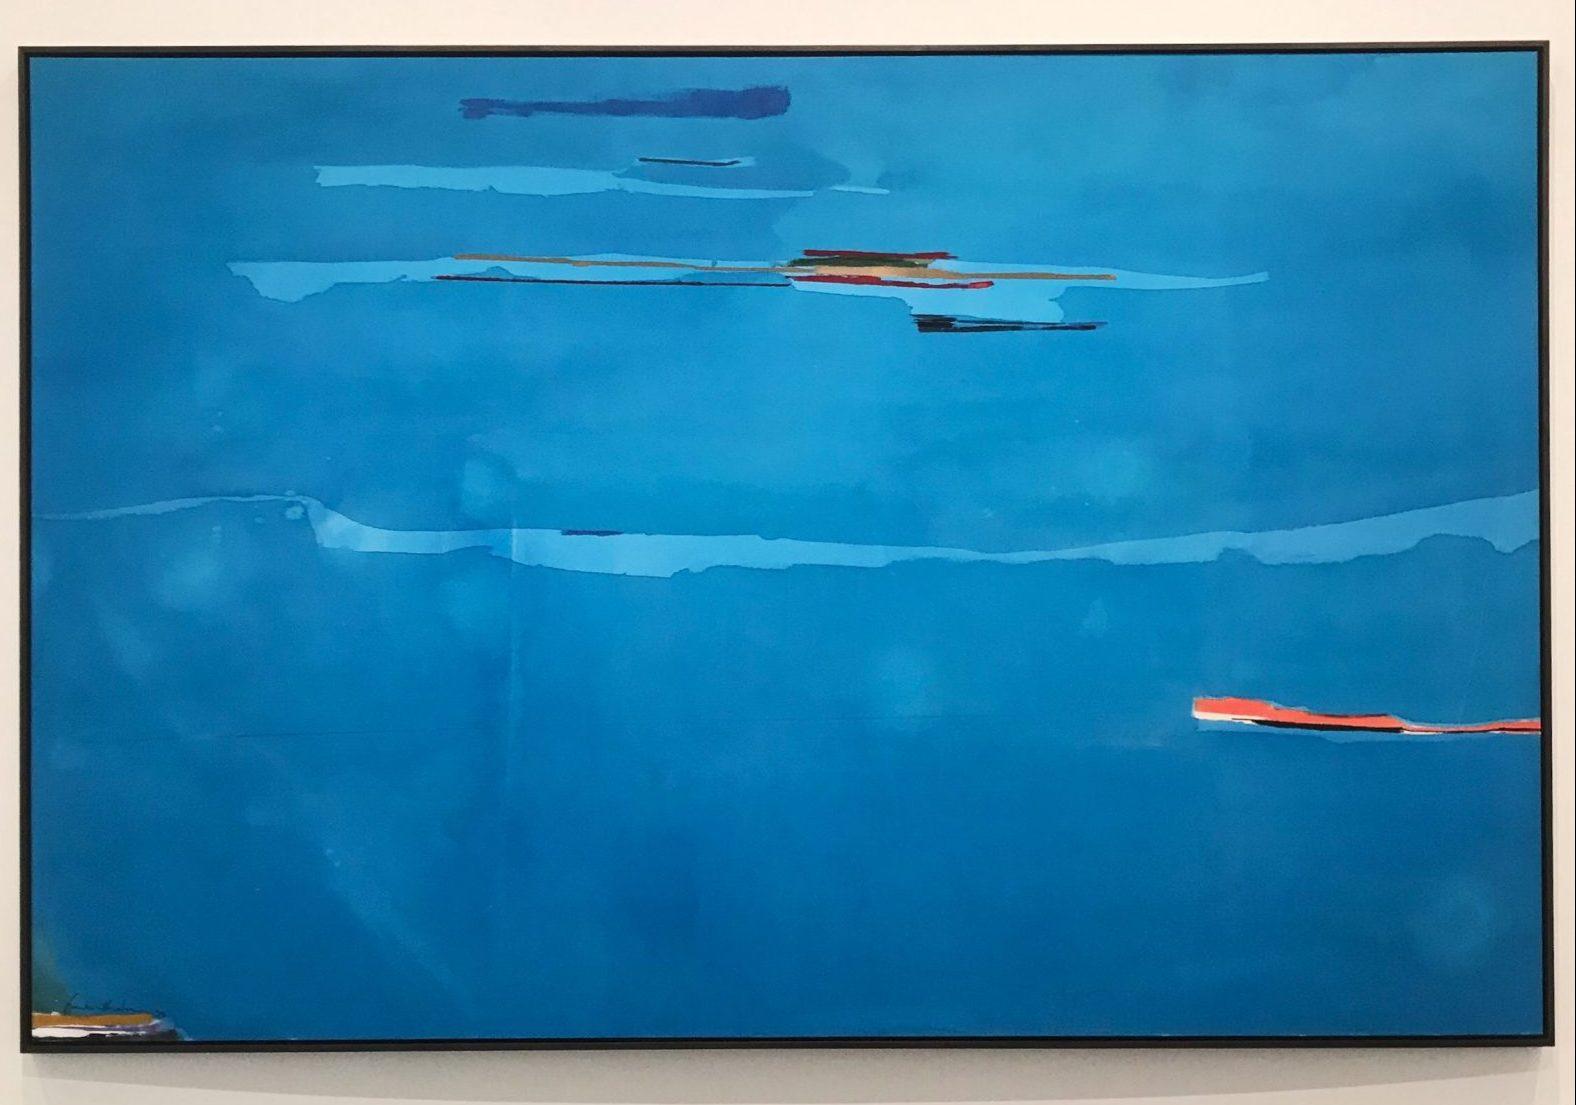 Storie di pittura e di acqua. Sea Change, la pittura di Helen Frankenthaler in mostra a Roma